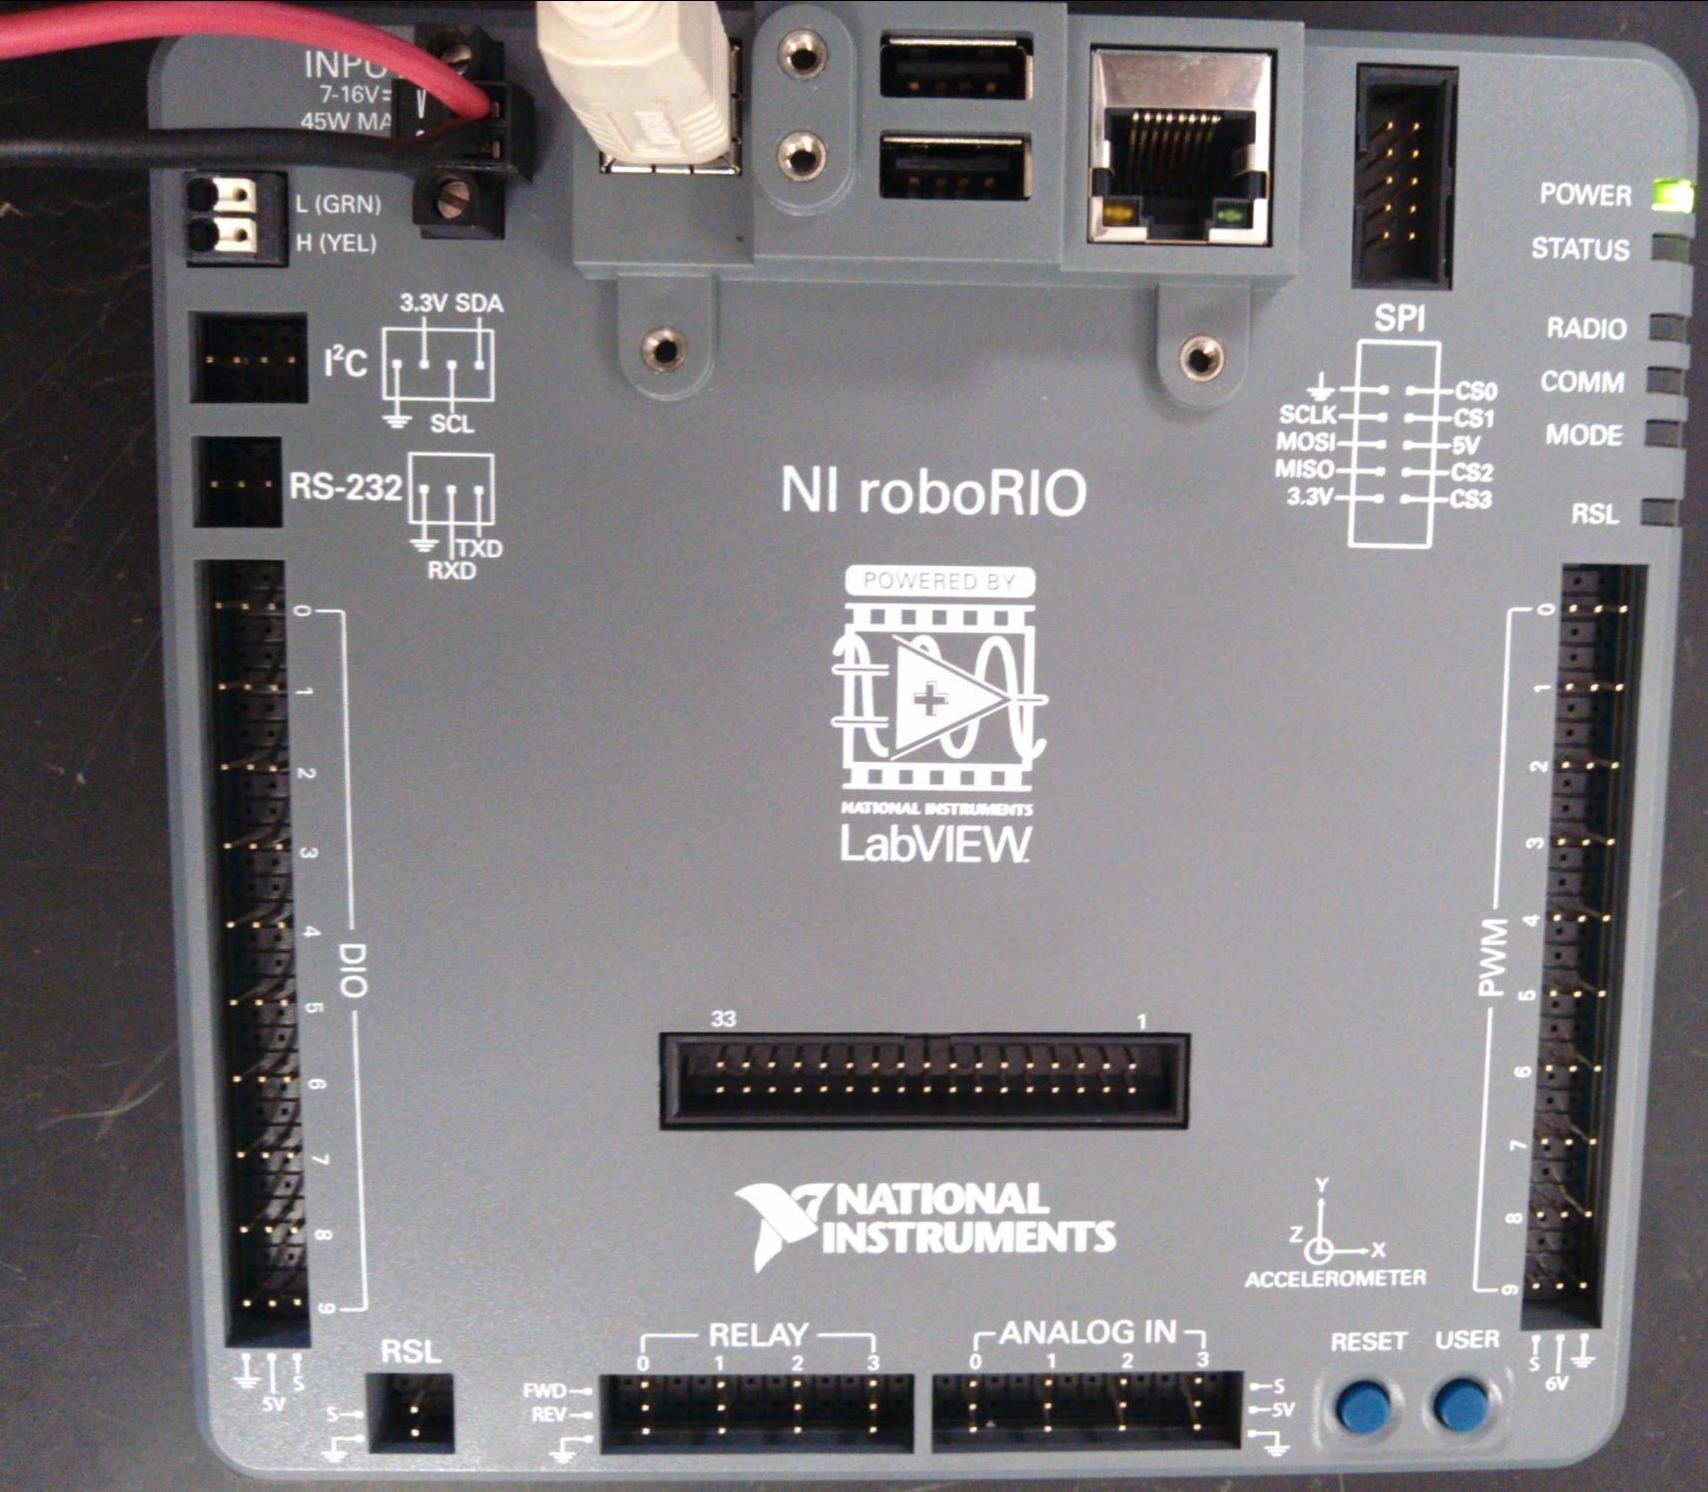 dir-890l should i update the firmware